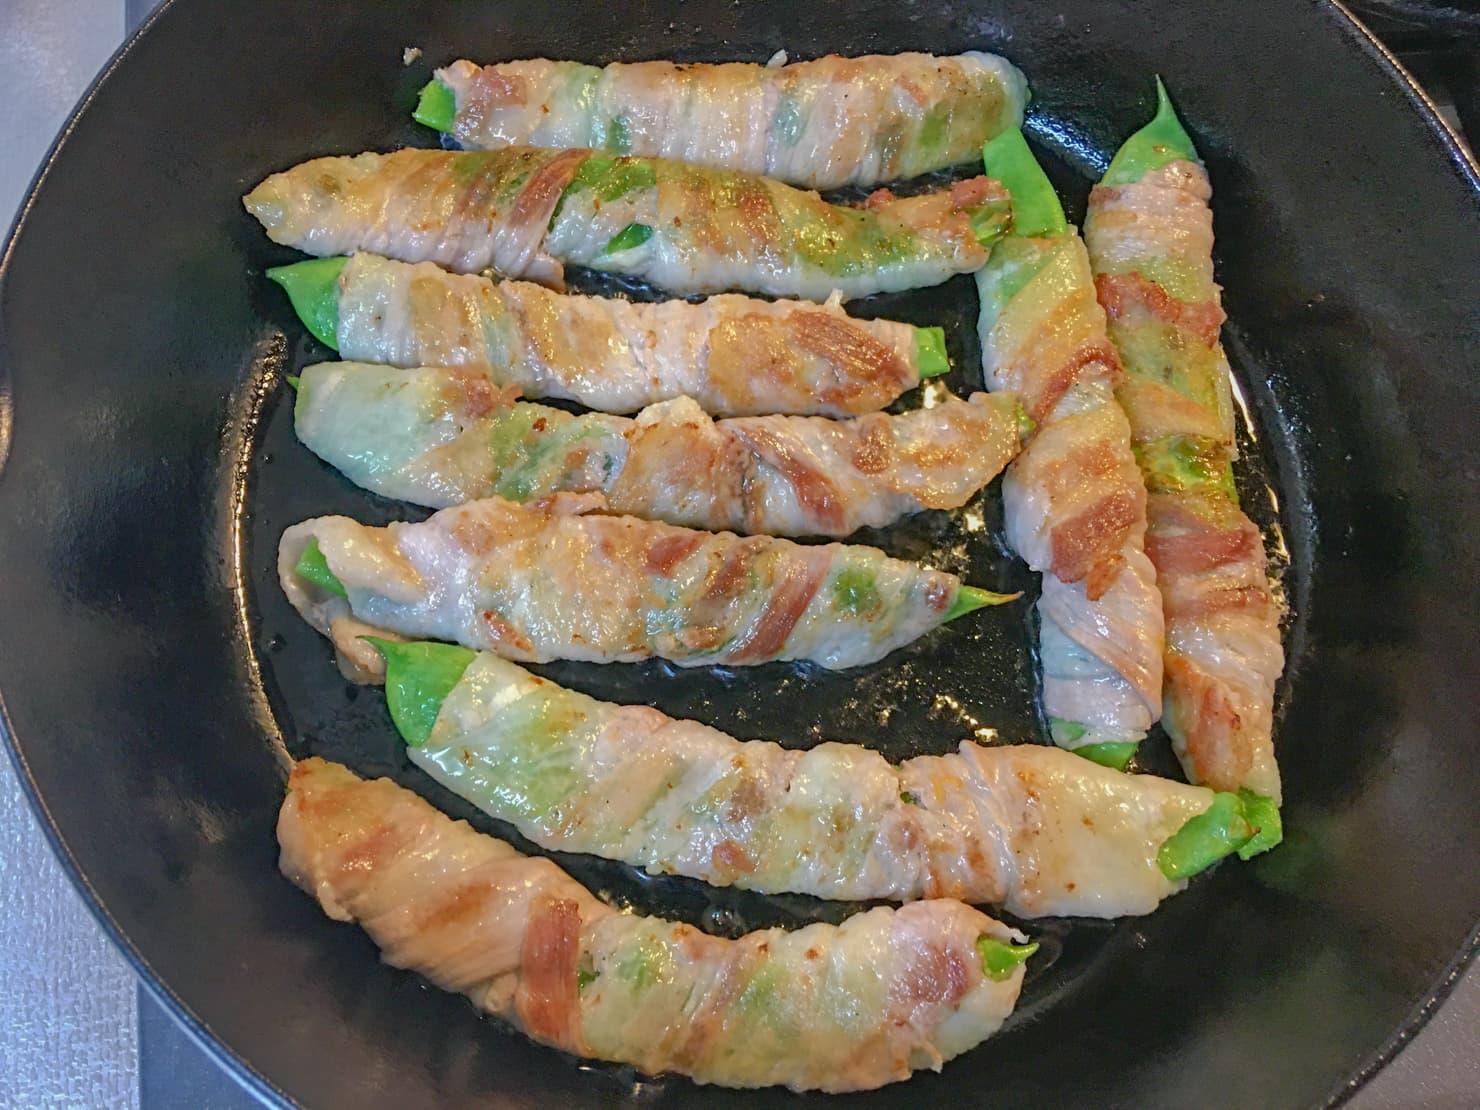 モロッコインゲンの豚肉巻きを焼いている写真